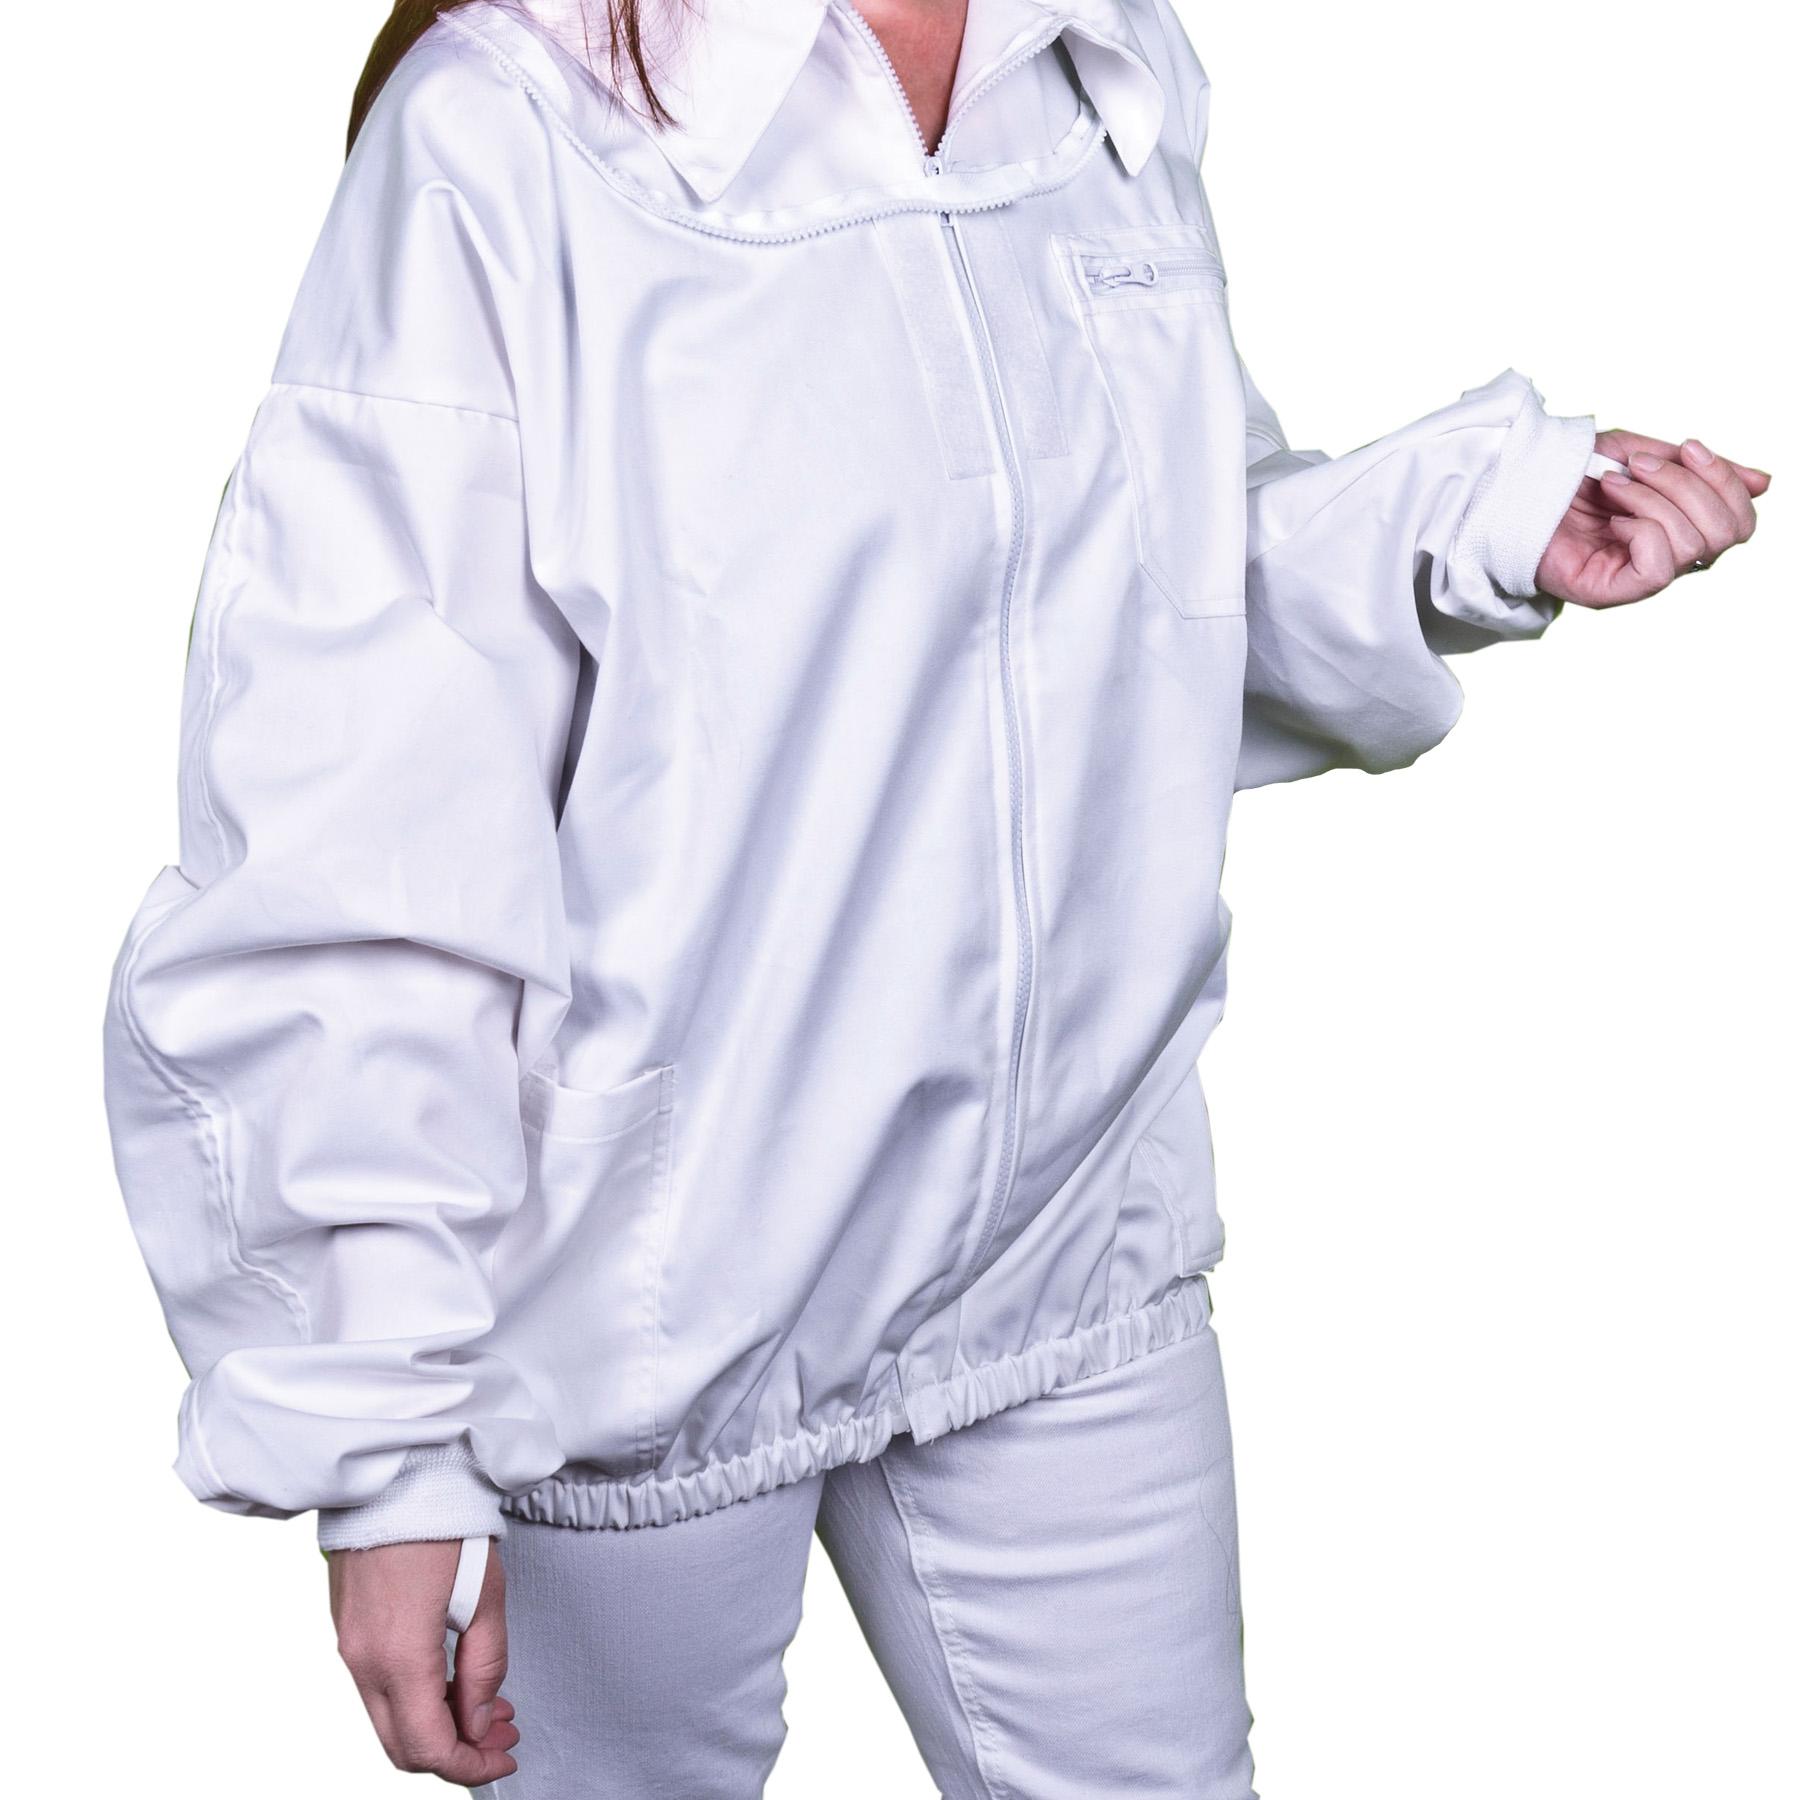 BeeKeeping Jacket Lg